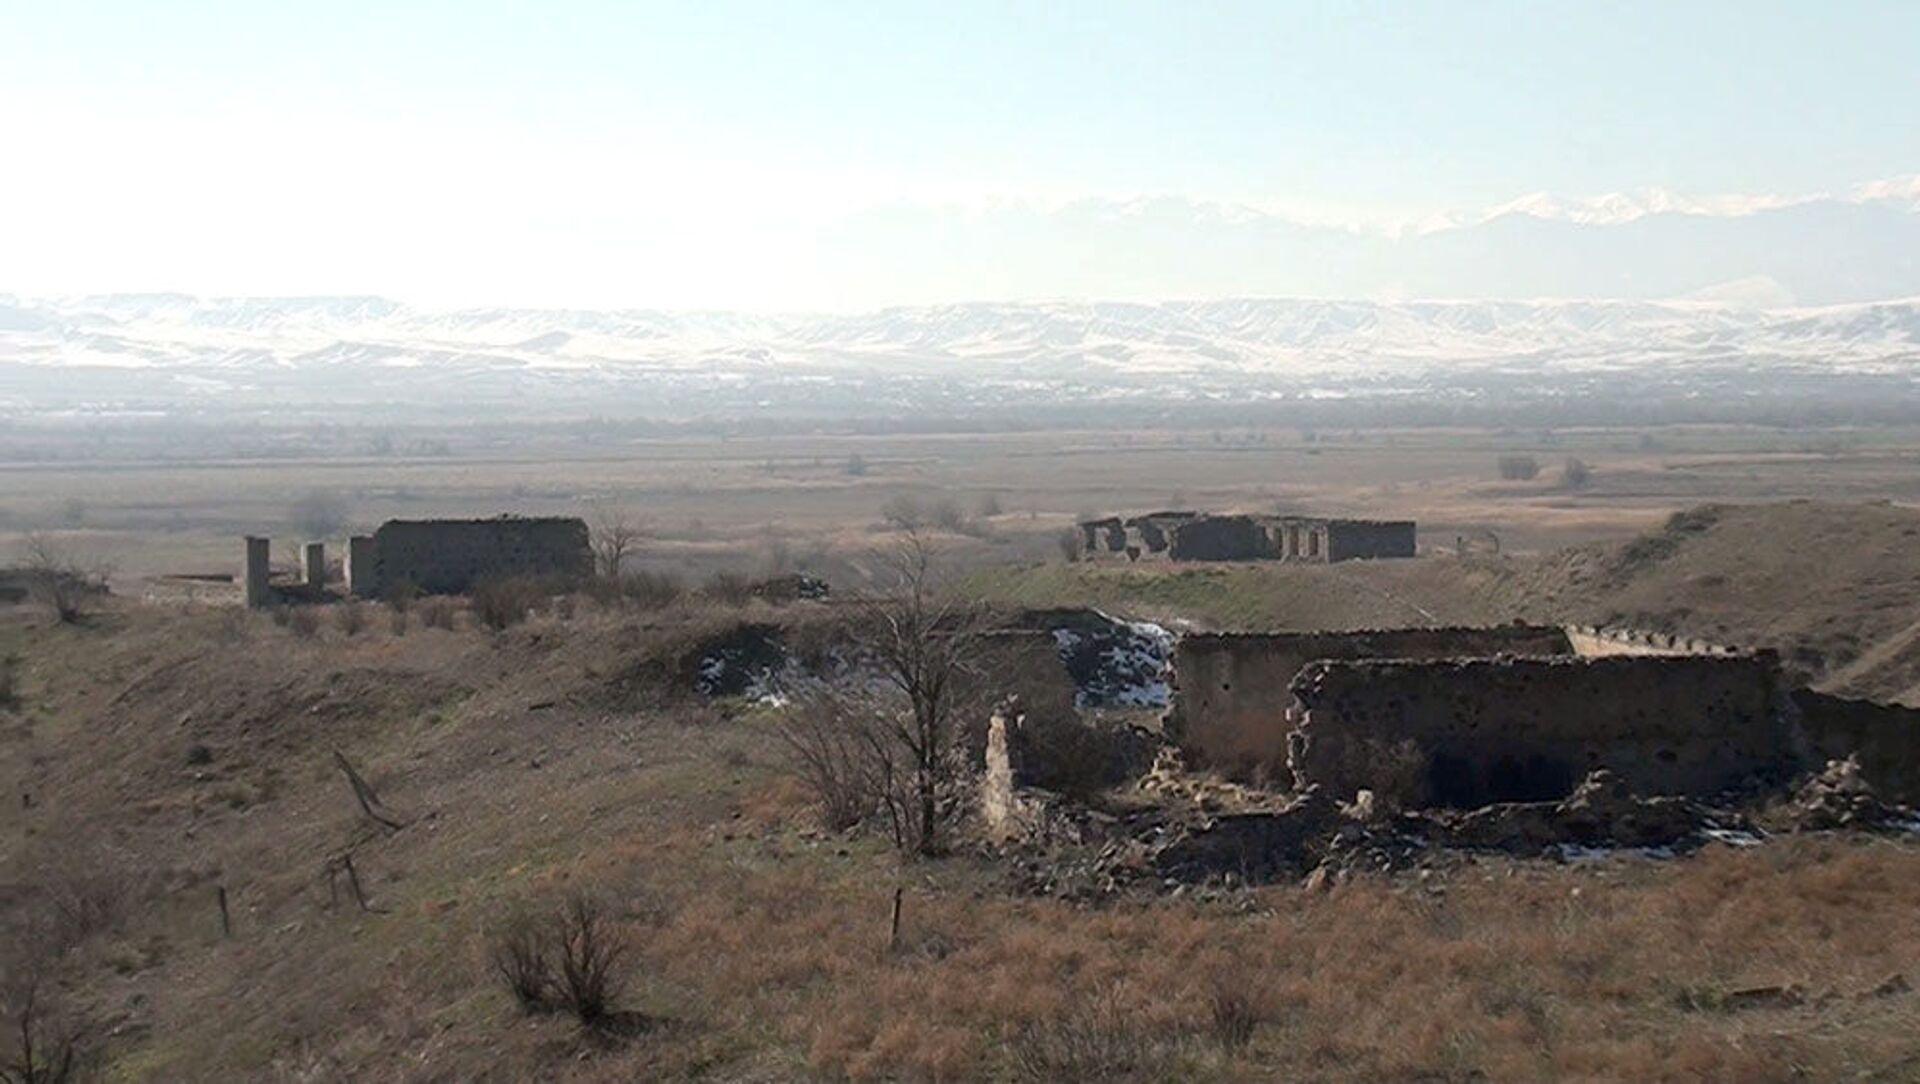 Видеокадры из села Бабайлы Зангиланского района - Sputnik Азербайджан, 1920, 16.02.2021